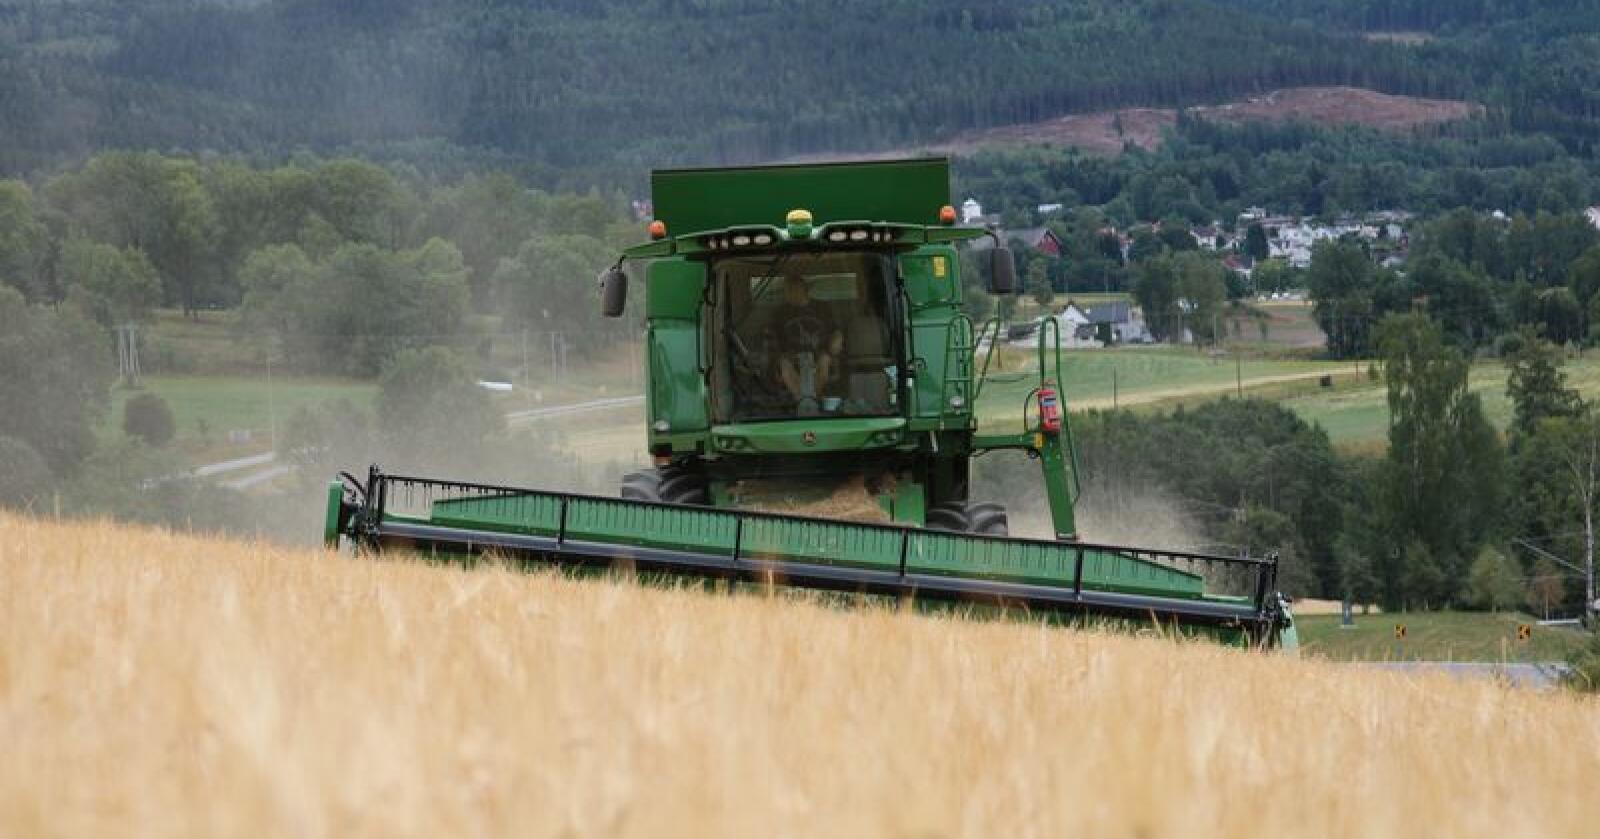 Mye korn står fortsatt på jordet og venter på tresking. (Arkivfoto)